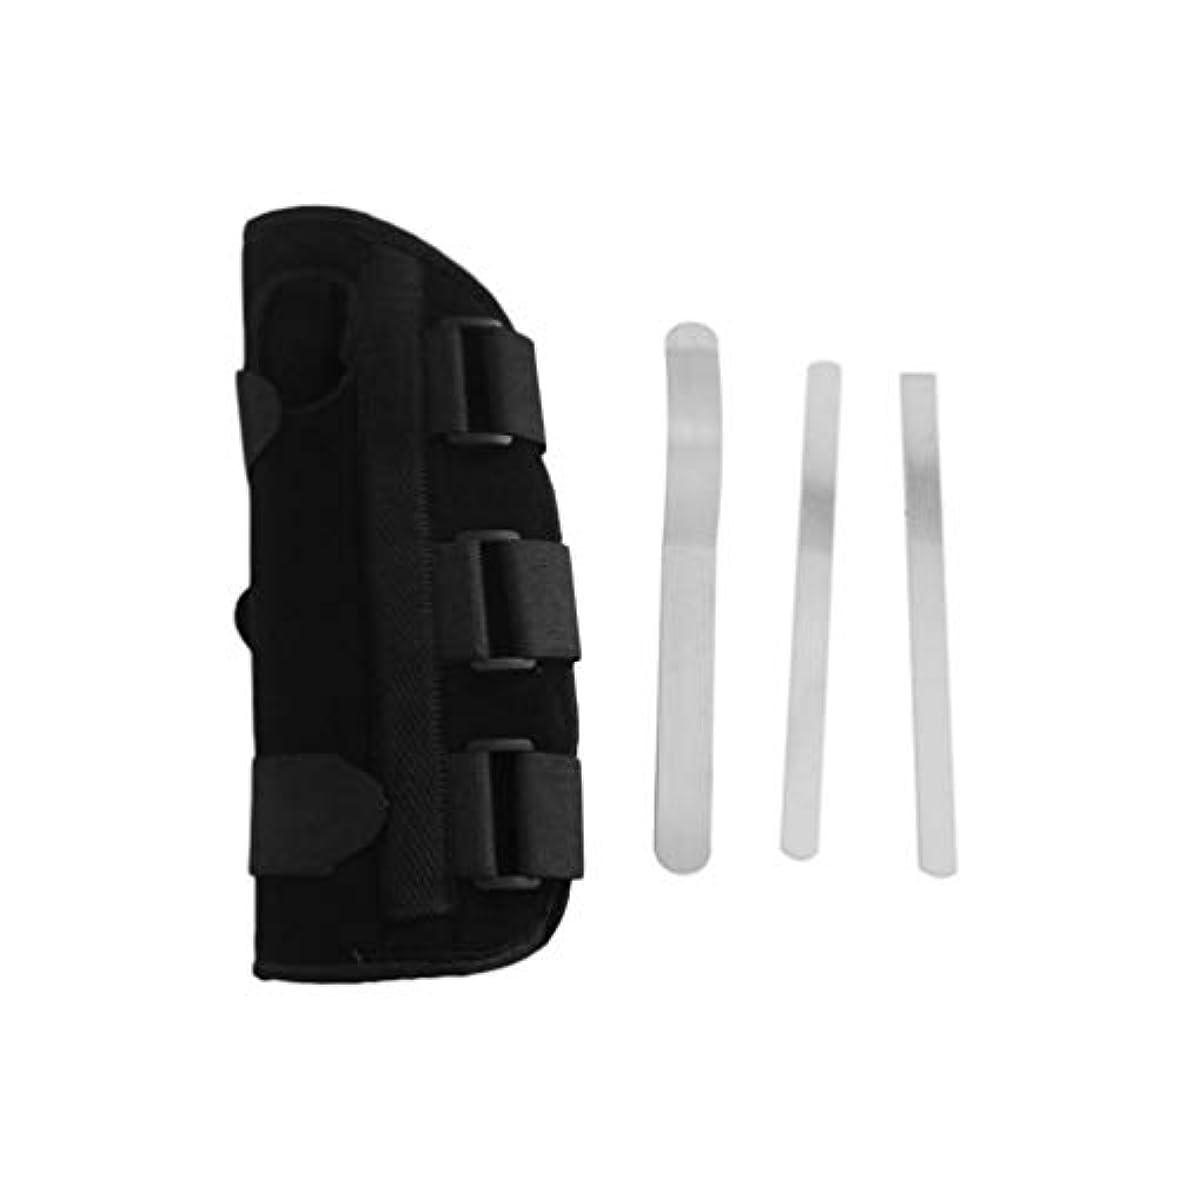 役に立つ操作符号手首副木ブレース保護サポートストラップカルペルトンネルCTS RSI痛み軽減取り外し可能な副木快適な軽量ストラップ - ブラックS